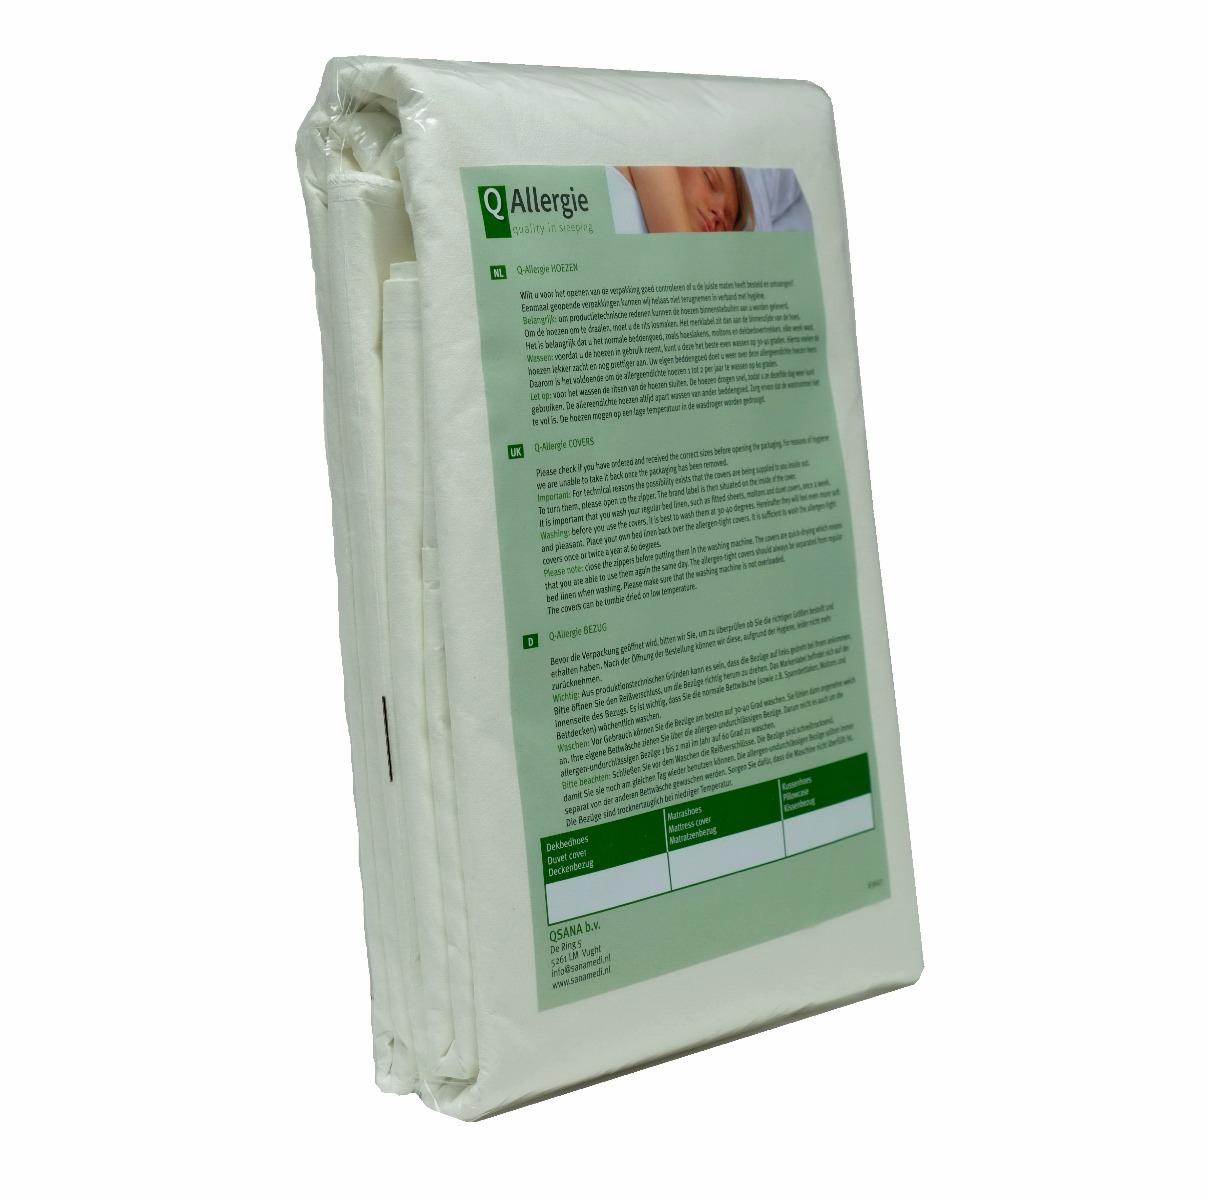 Dekbedhoes Q-Allergie 100 x 140 cm   Anti allergie dekbedhoes